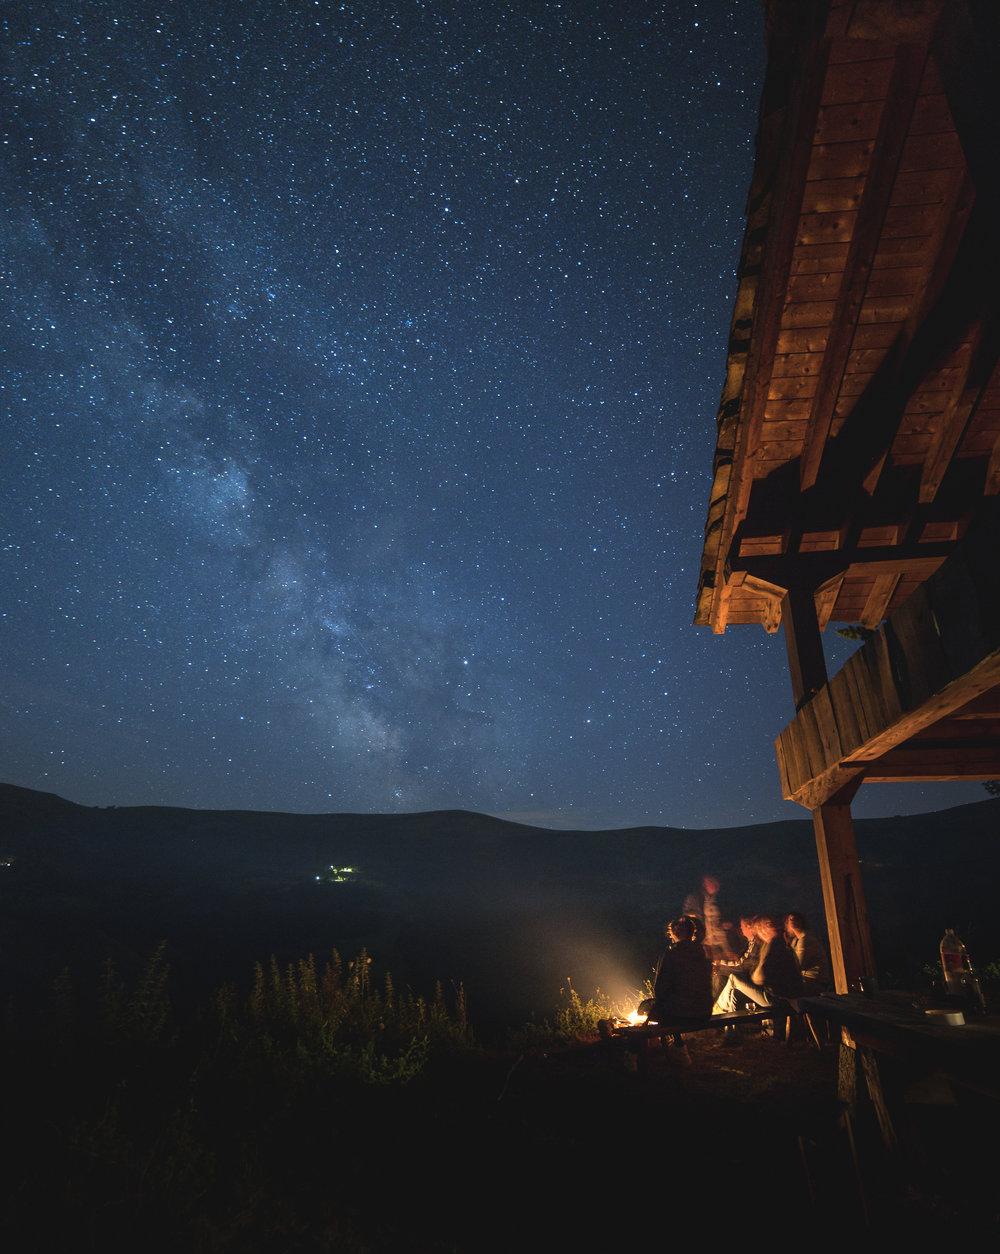 De nachtelijke hemel in noord Spanje. Pentax K-1; 14 mm; 30 sec; F2.8; ISO 1600.